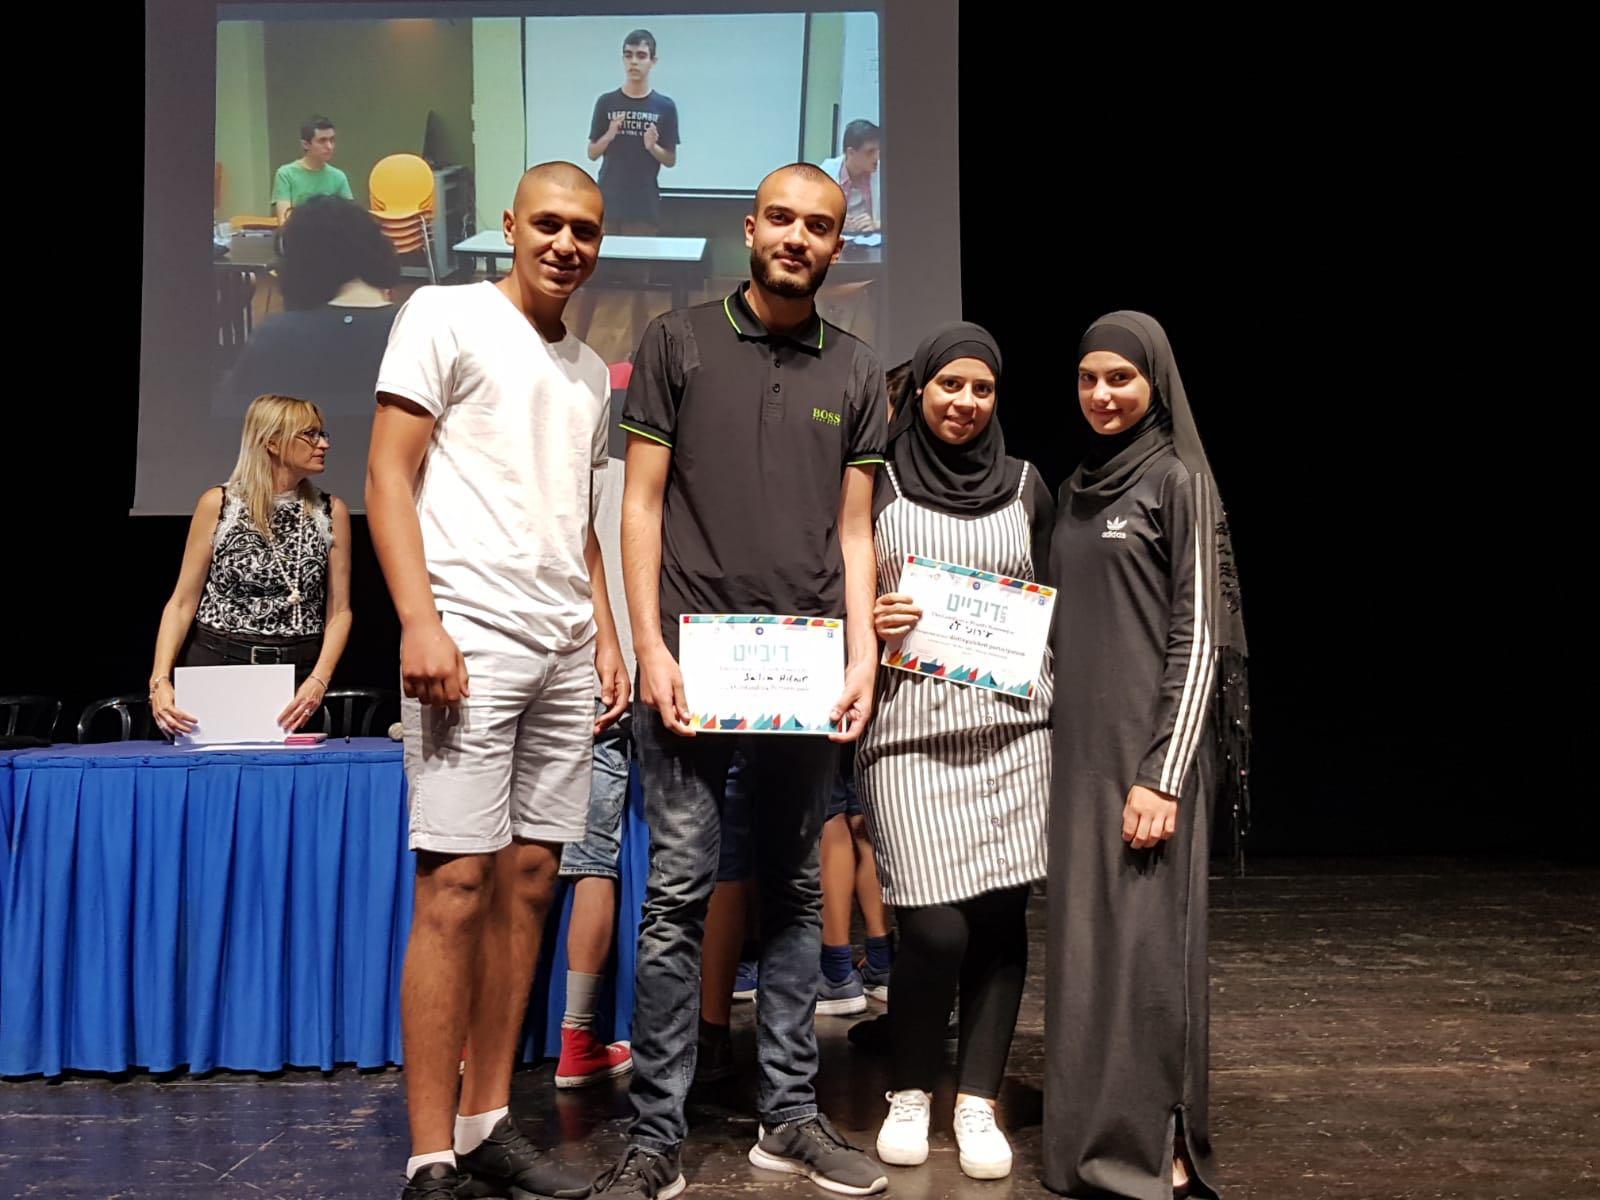 طلاب مدرسة يافا المستقبل يصلون إلى المراحل النهائية في مسابقة فن المناظرة باللغة الإنجليزية